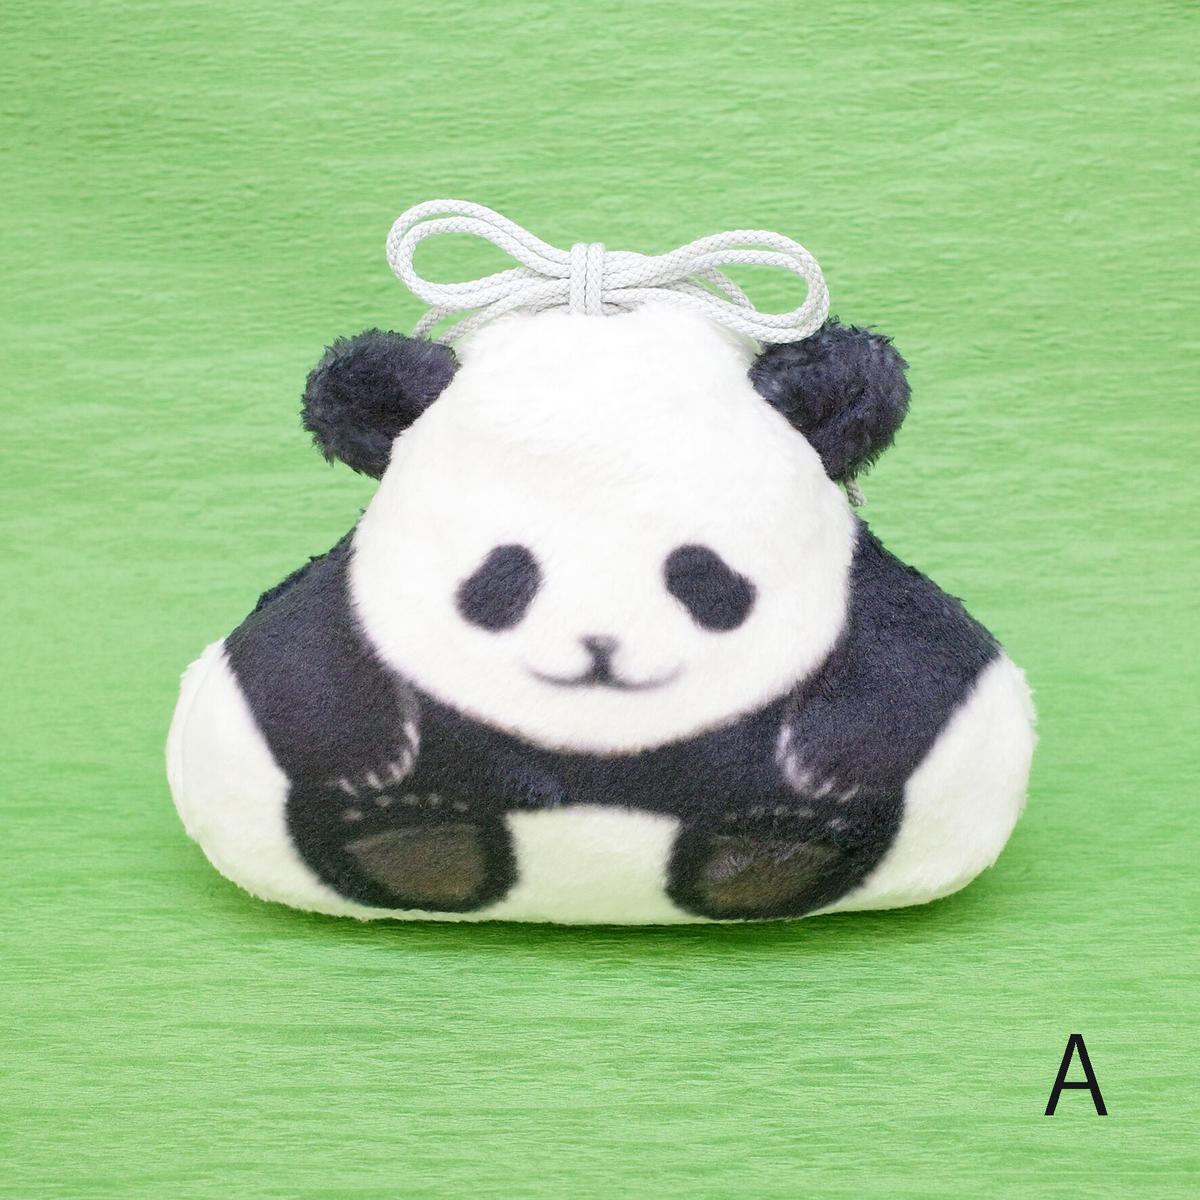 近日入荷!双子パンダのふわふわ巾着袋【Panda pouch】   国内送料無料! carm